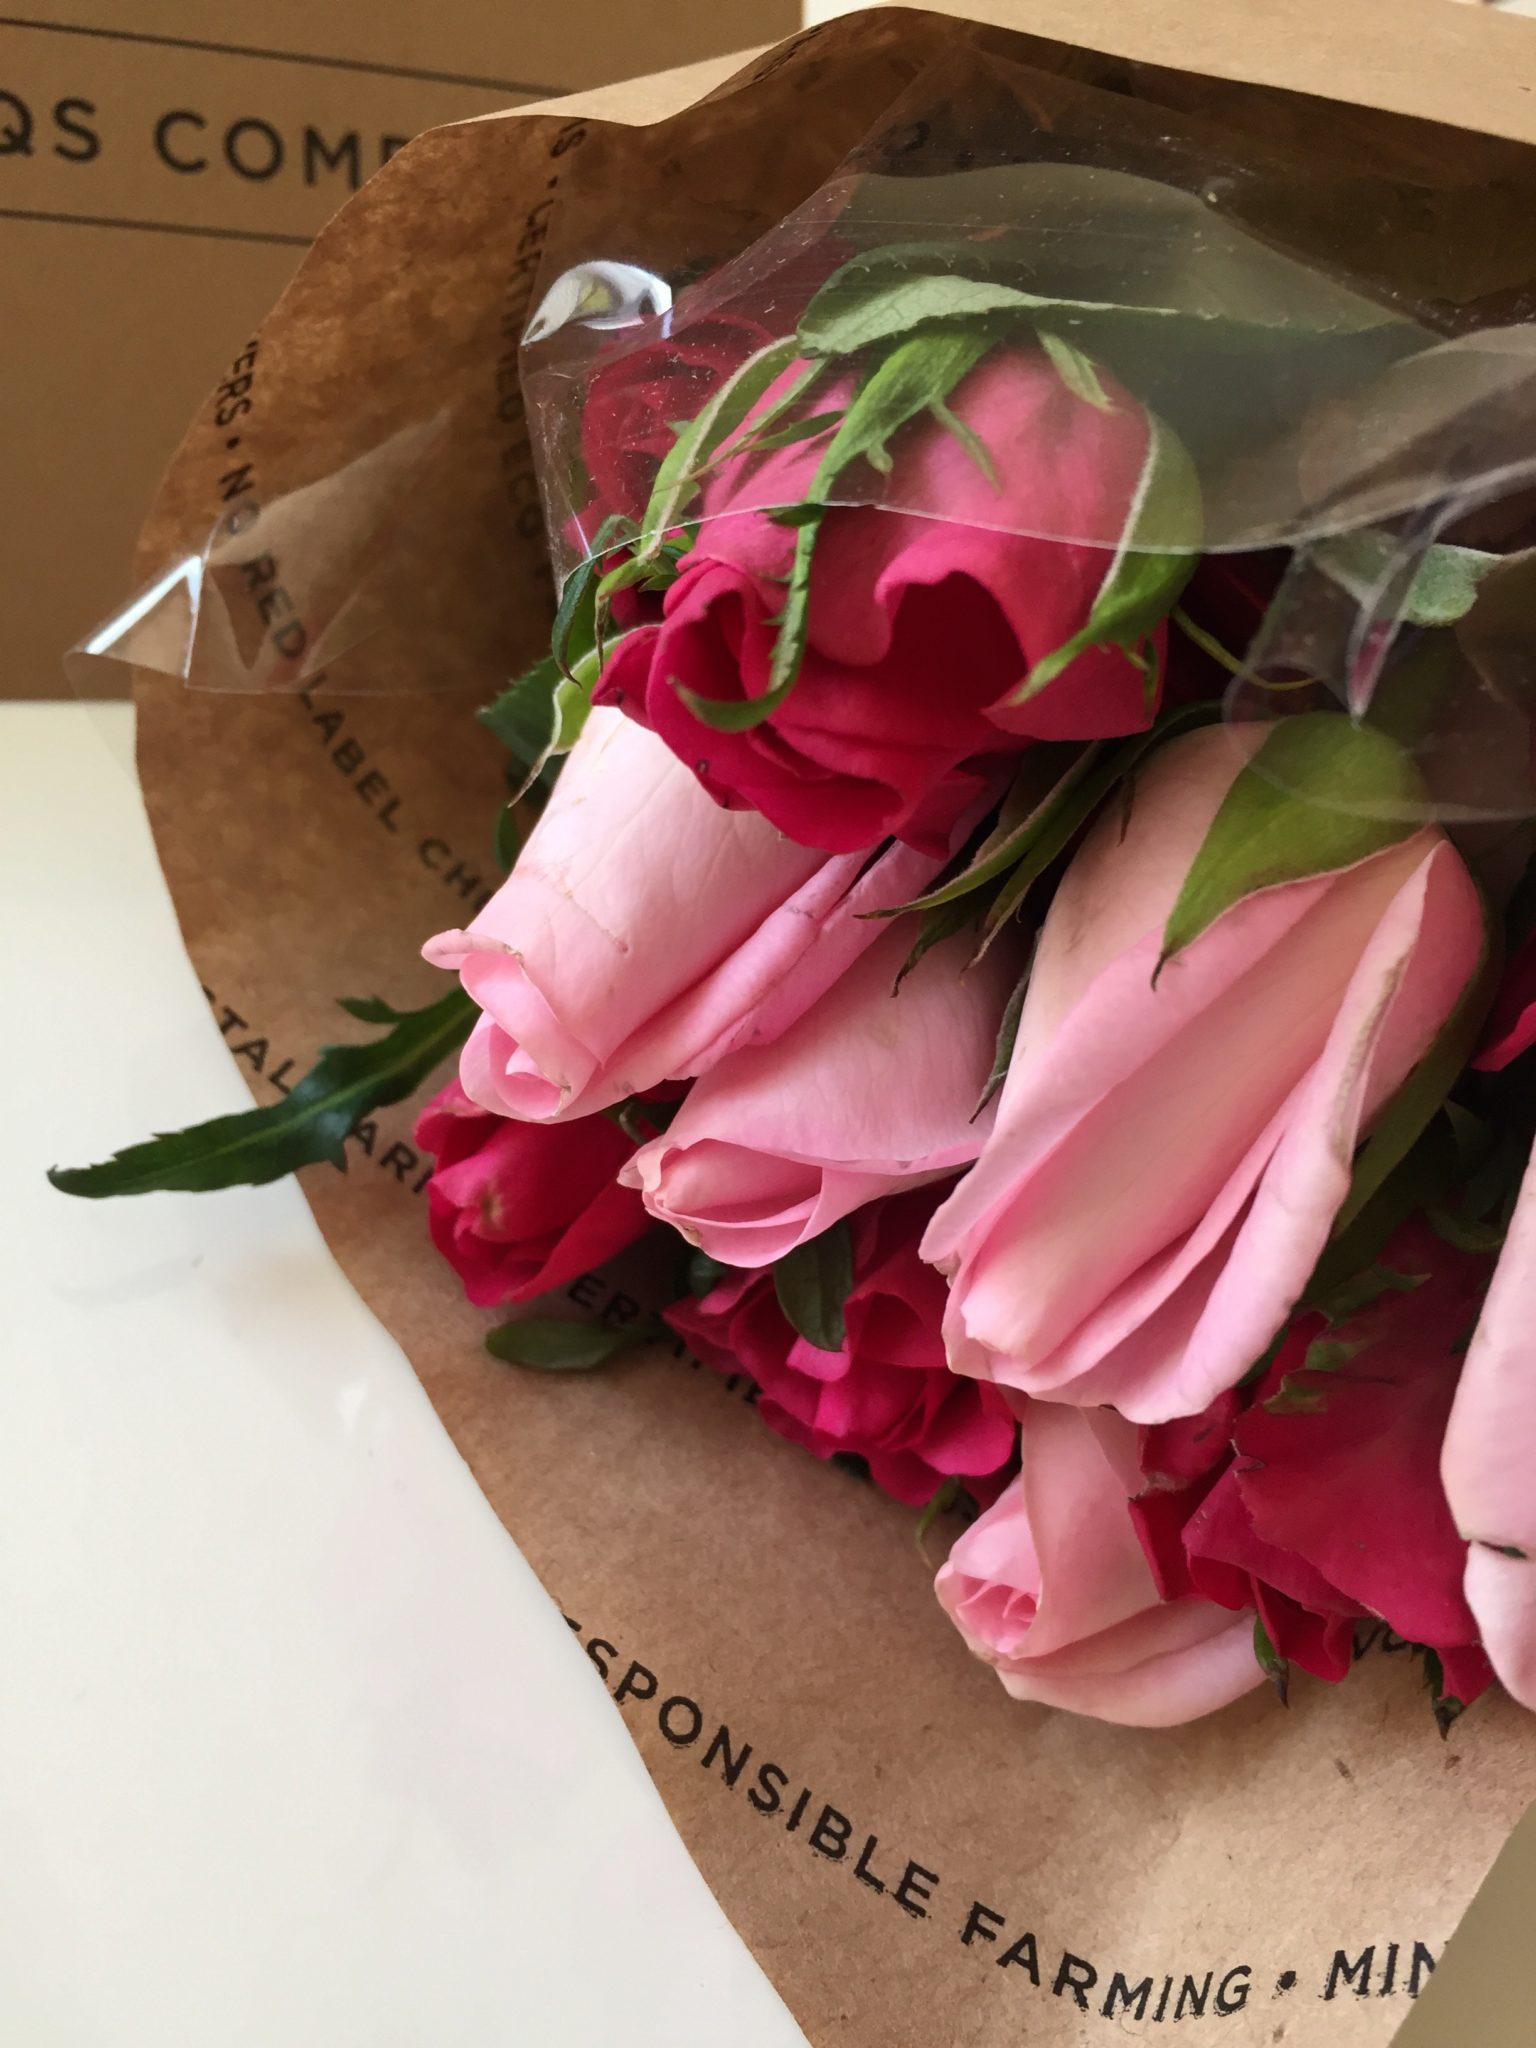 Gift Idea: The Bouqs Co. Flower Arrangements